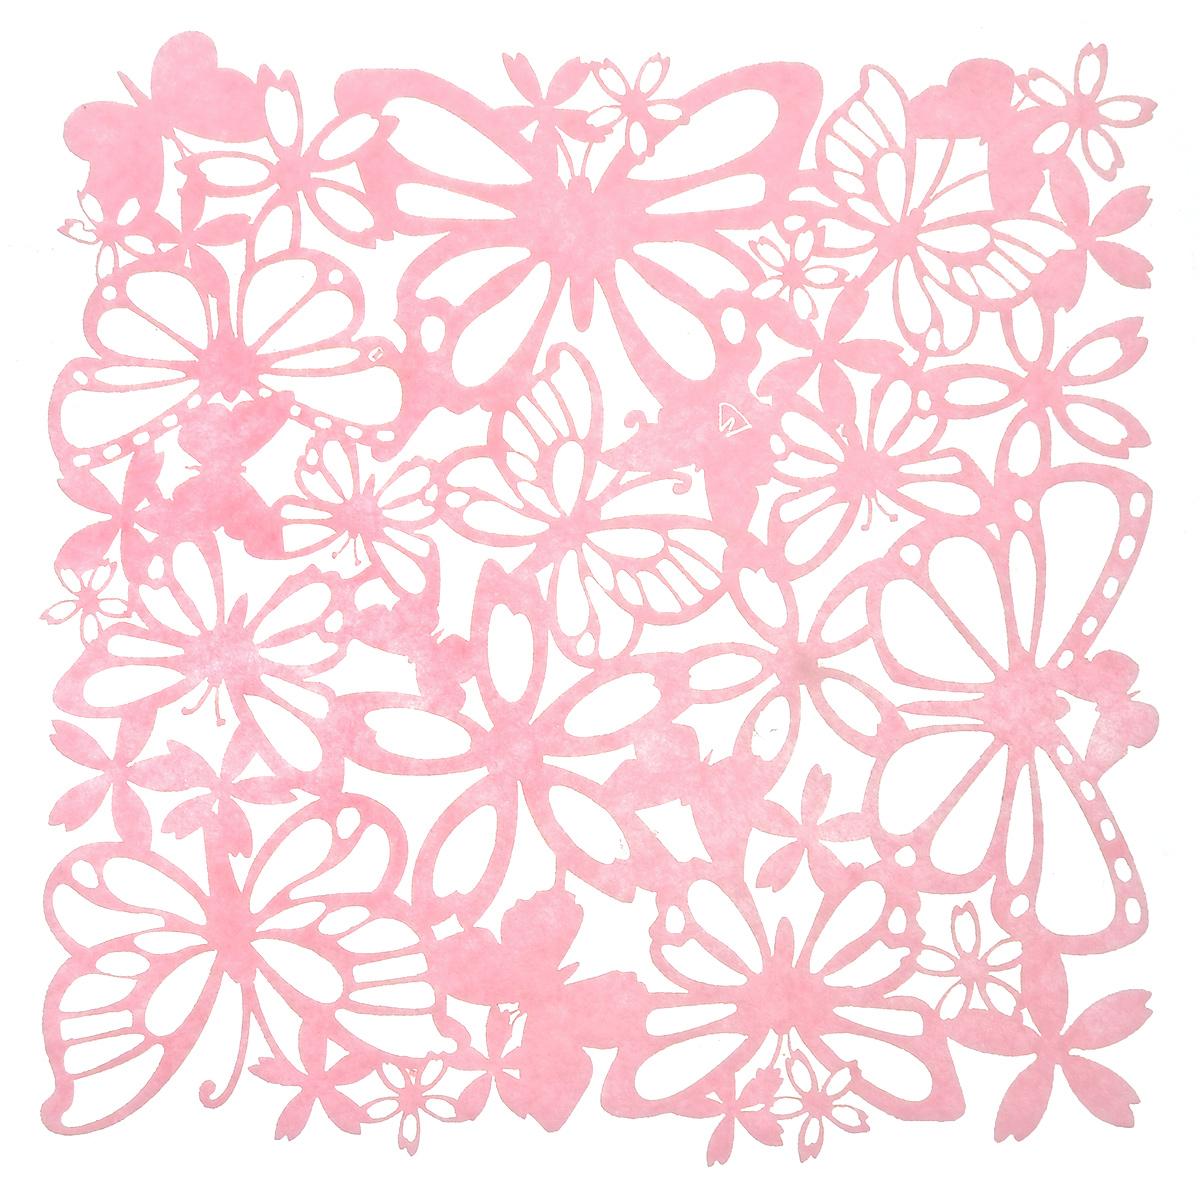 Салфетка Home Queen Взмах крыльев, цвет: розовый, 30 см х 30 см115510Квадратная салфетка Home Queen Взмах крыльев изготовлена из фетра и оформлена изысканной перфорацией в виде цветочных узоров и бабочек. Такая салфетка прекрасно подойдет для украшения интерьера кухни, она сбережет стол от высоких температур и грязи.